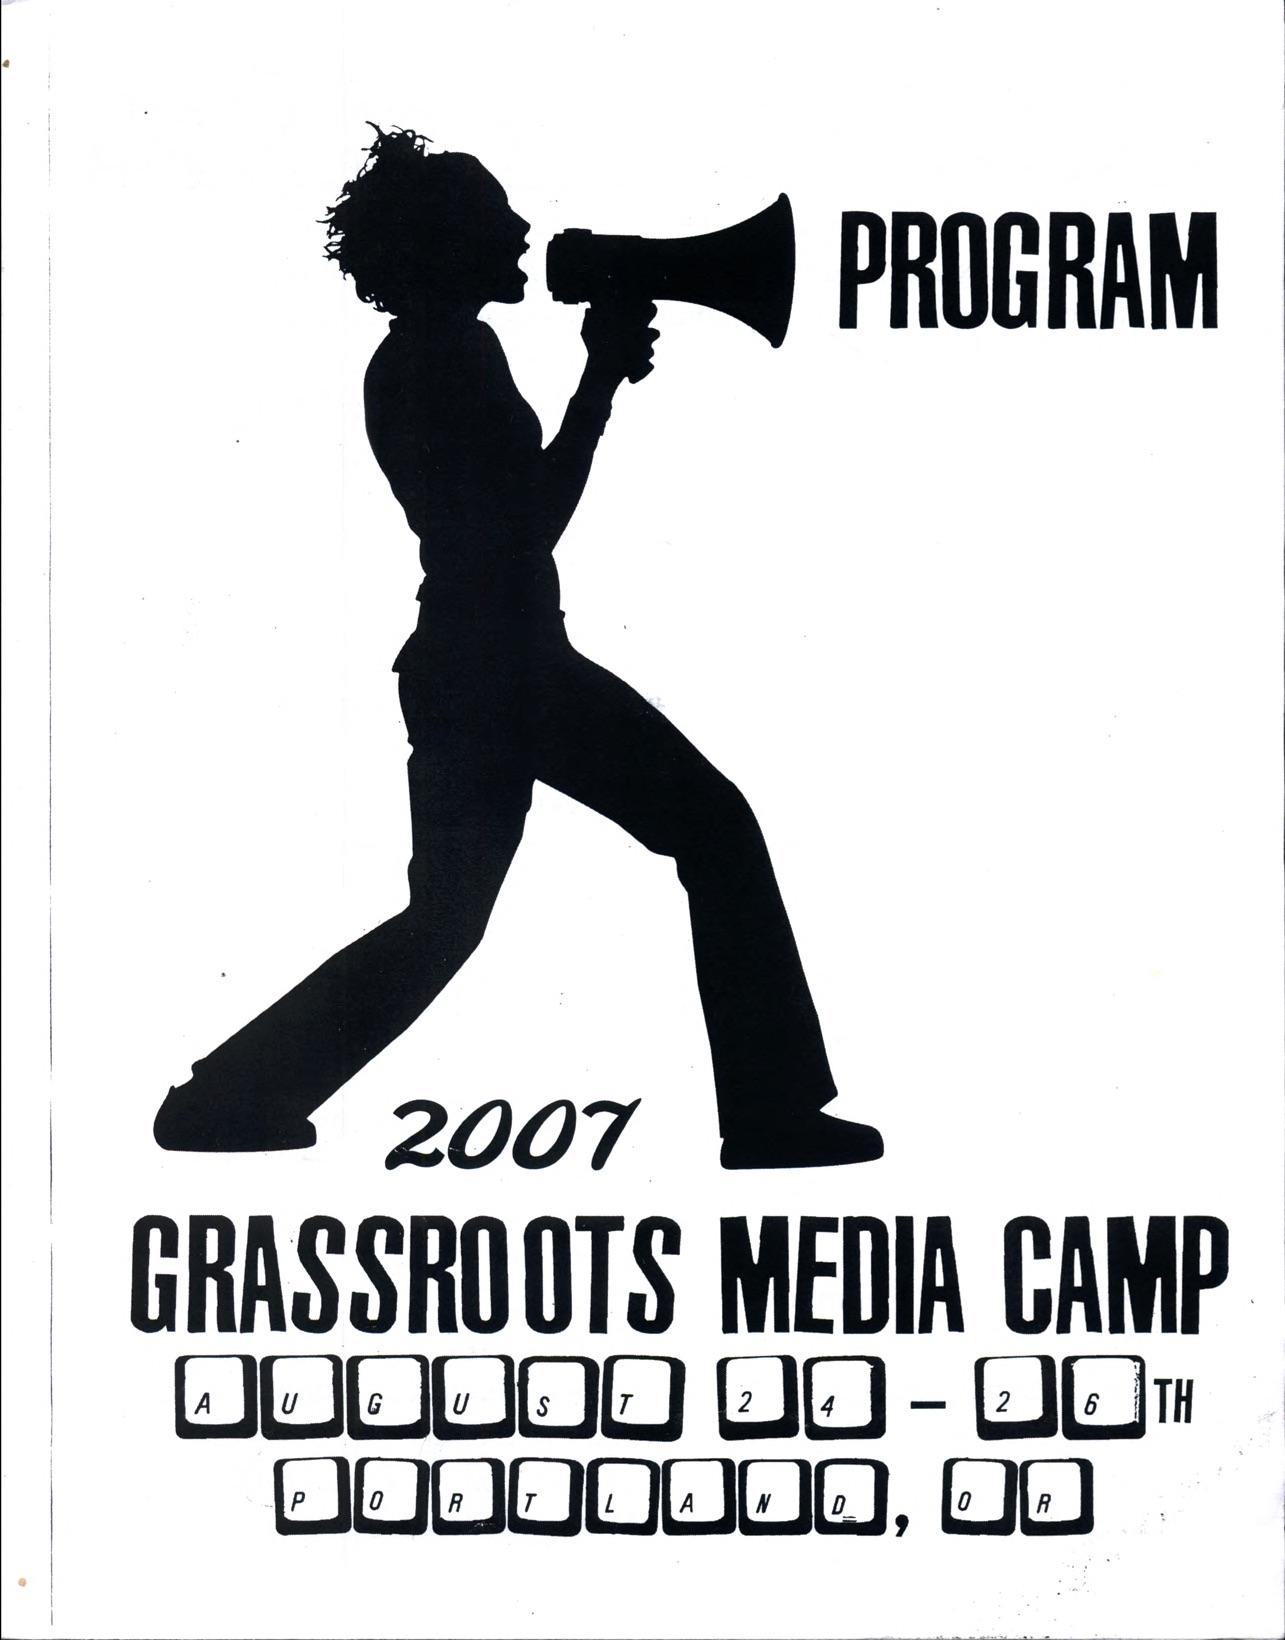 KBOO_files_GrassrootsMediaCamp_2007.jpg